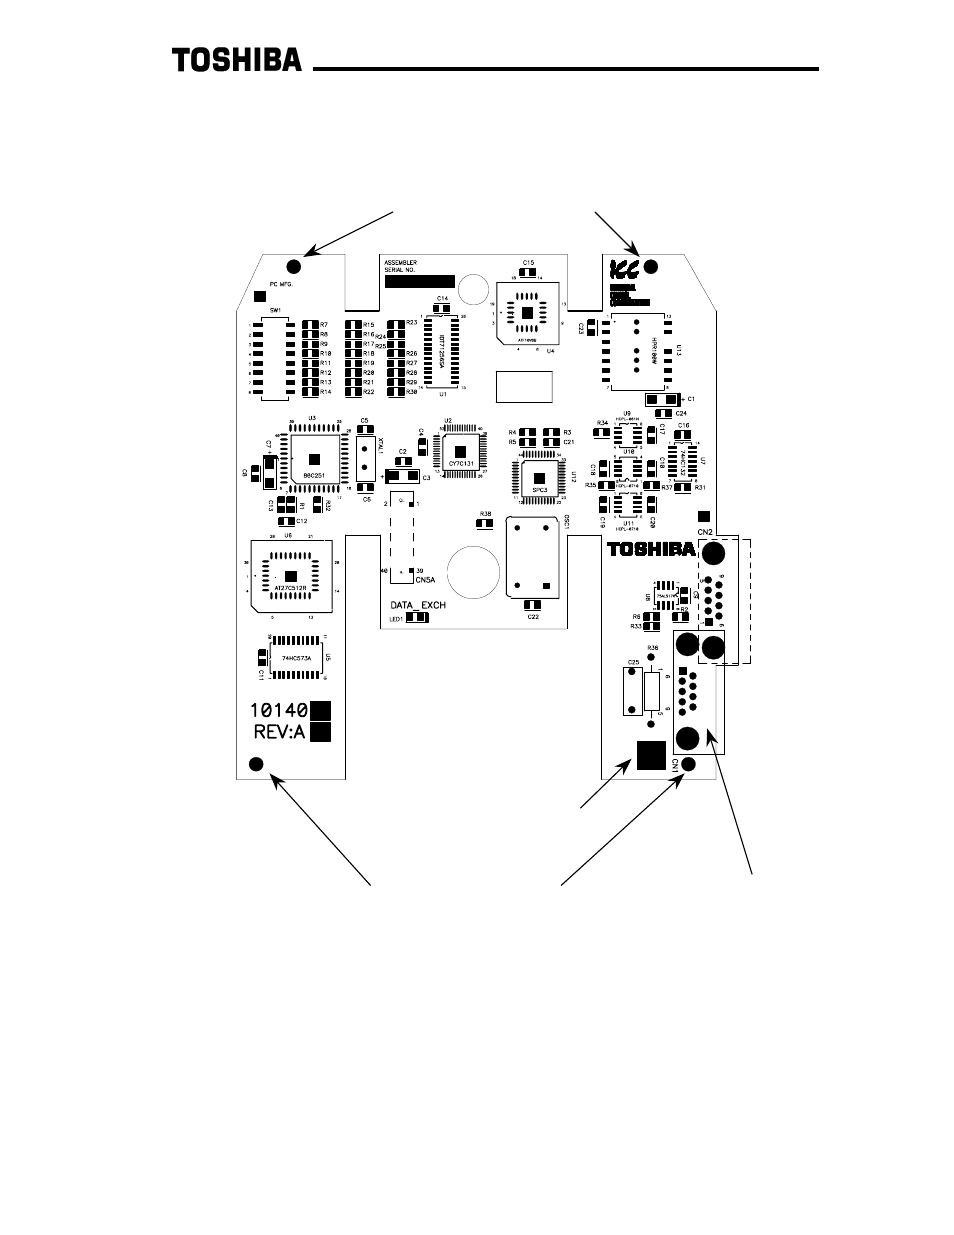 lg g3 board diagram